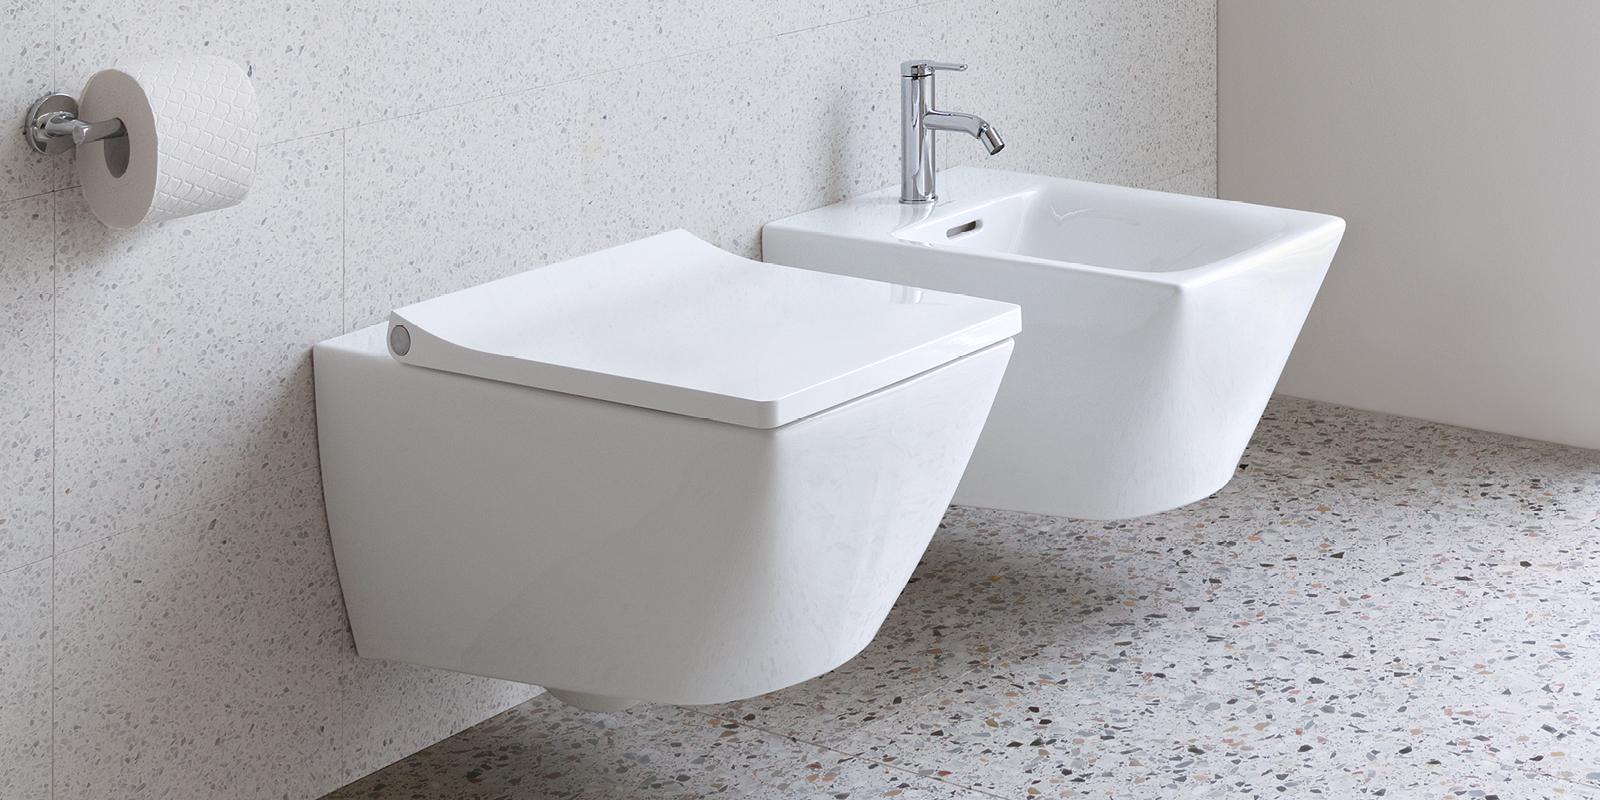 Duravit Viu WC und Bidet bei xTWOstore